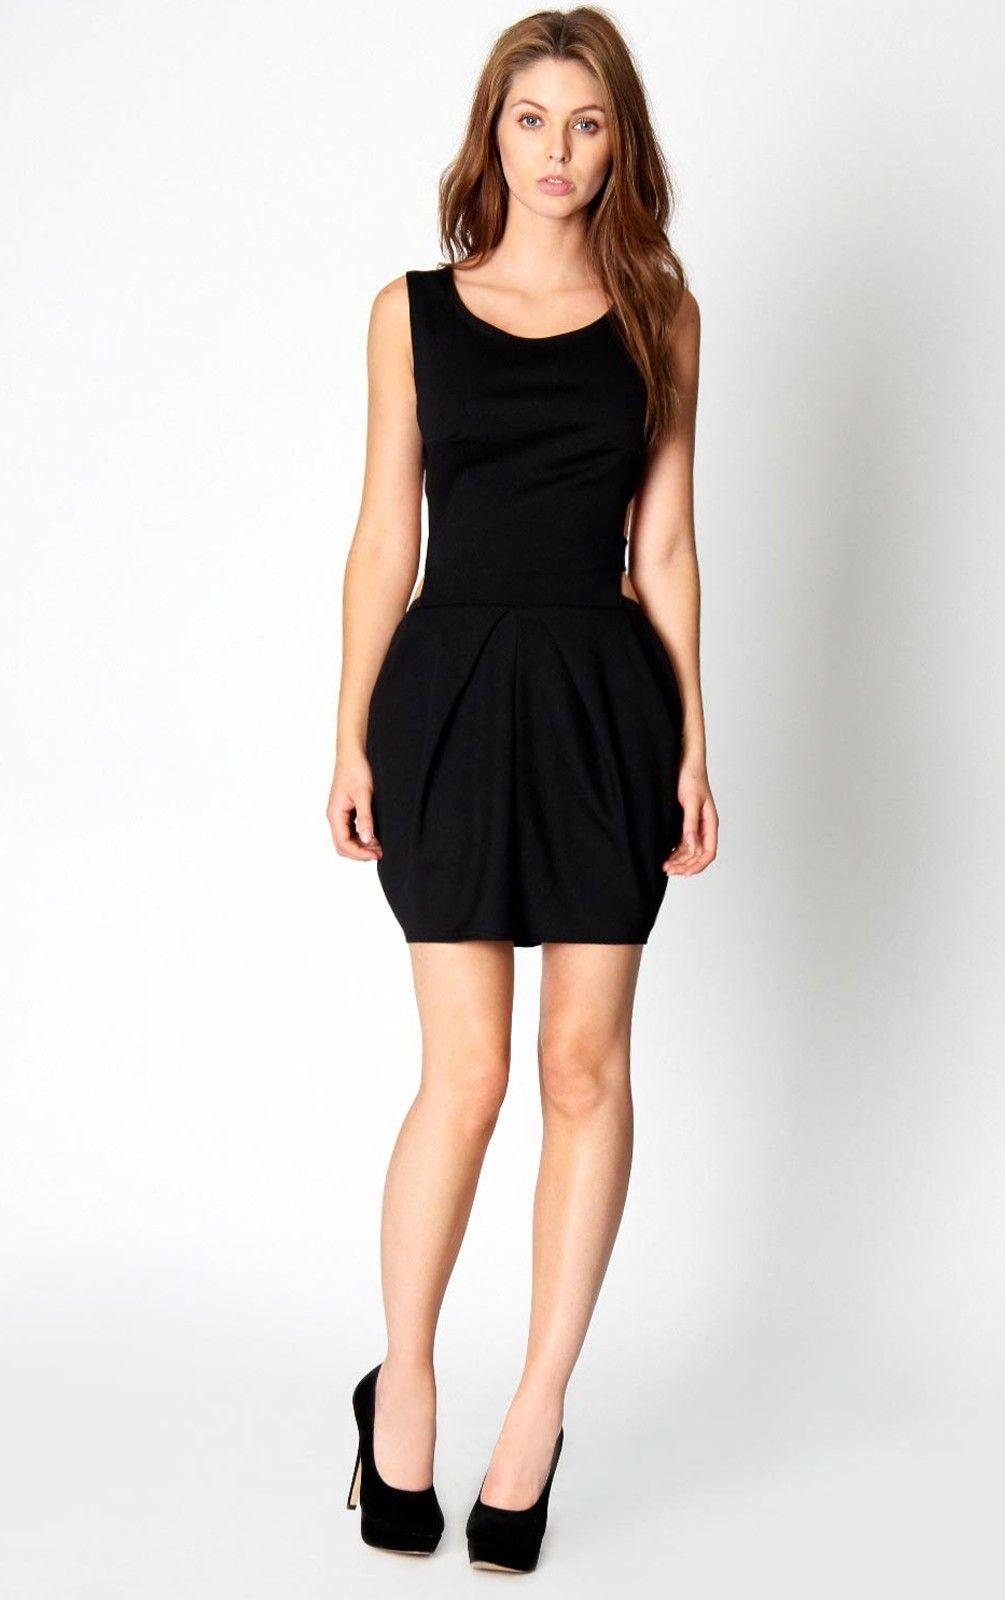 Reasonable Sleeveless Mini Scoop Spandex Sheath NightClub Dresses ...